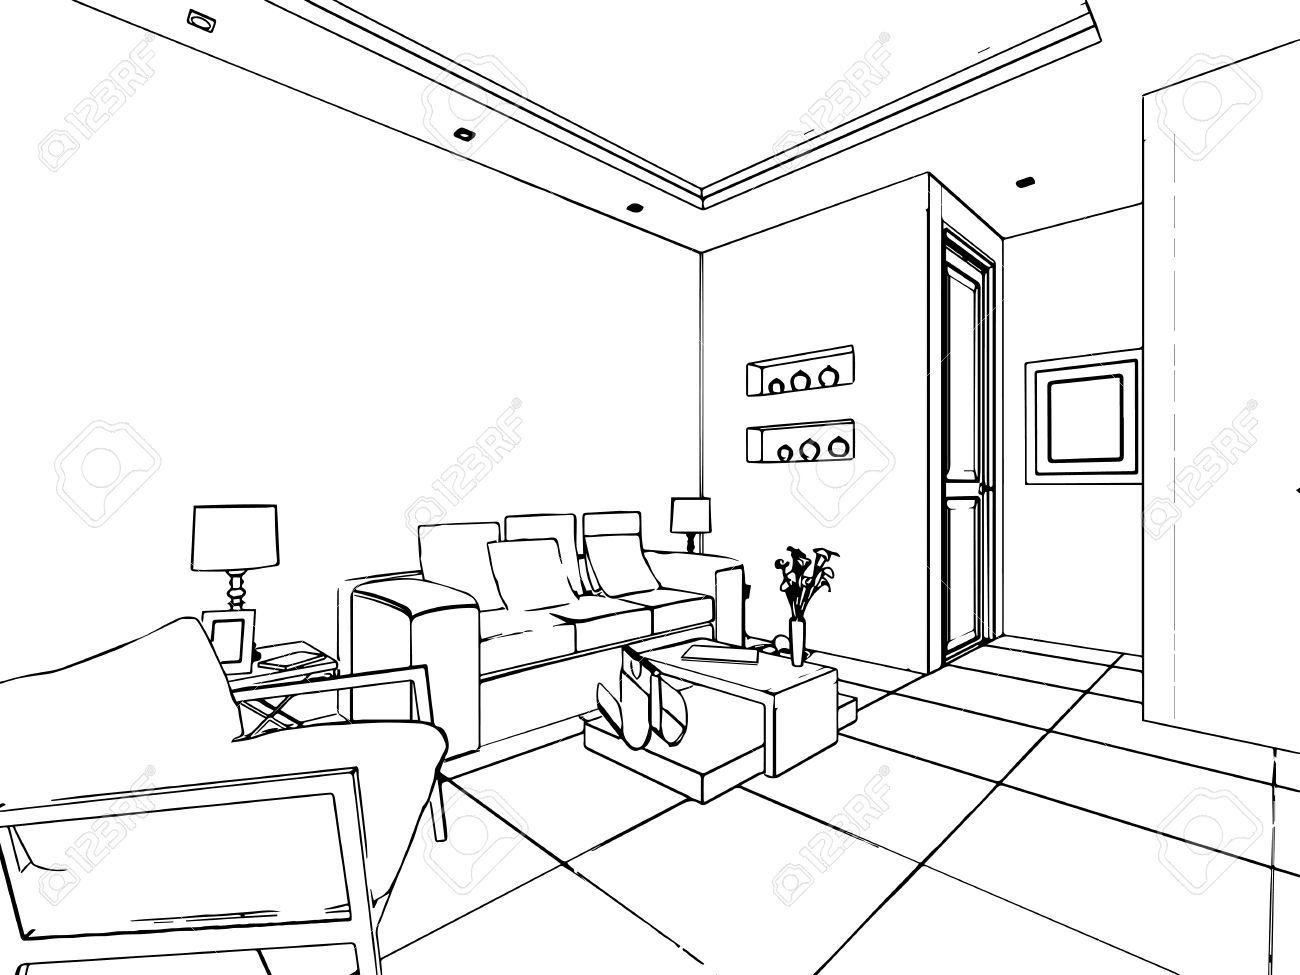 Stock Photo Architektur zeichnungen, Skizzen und Raum